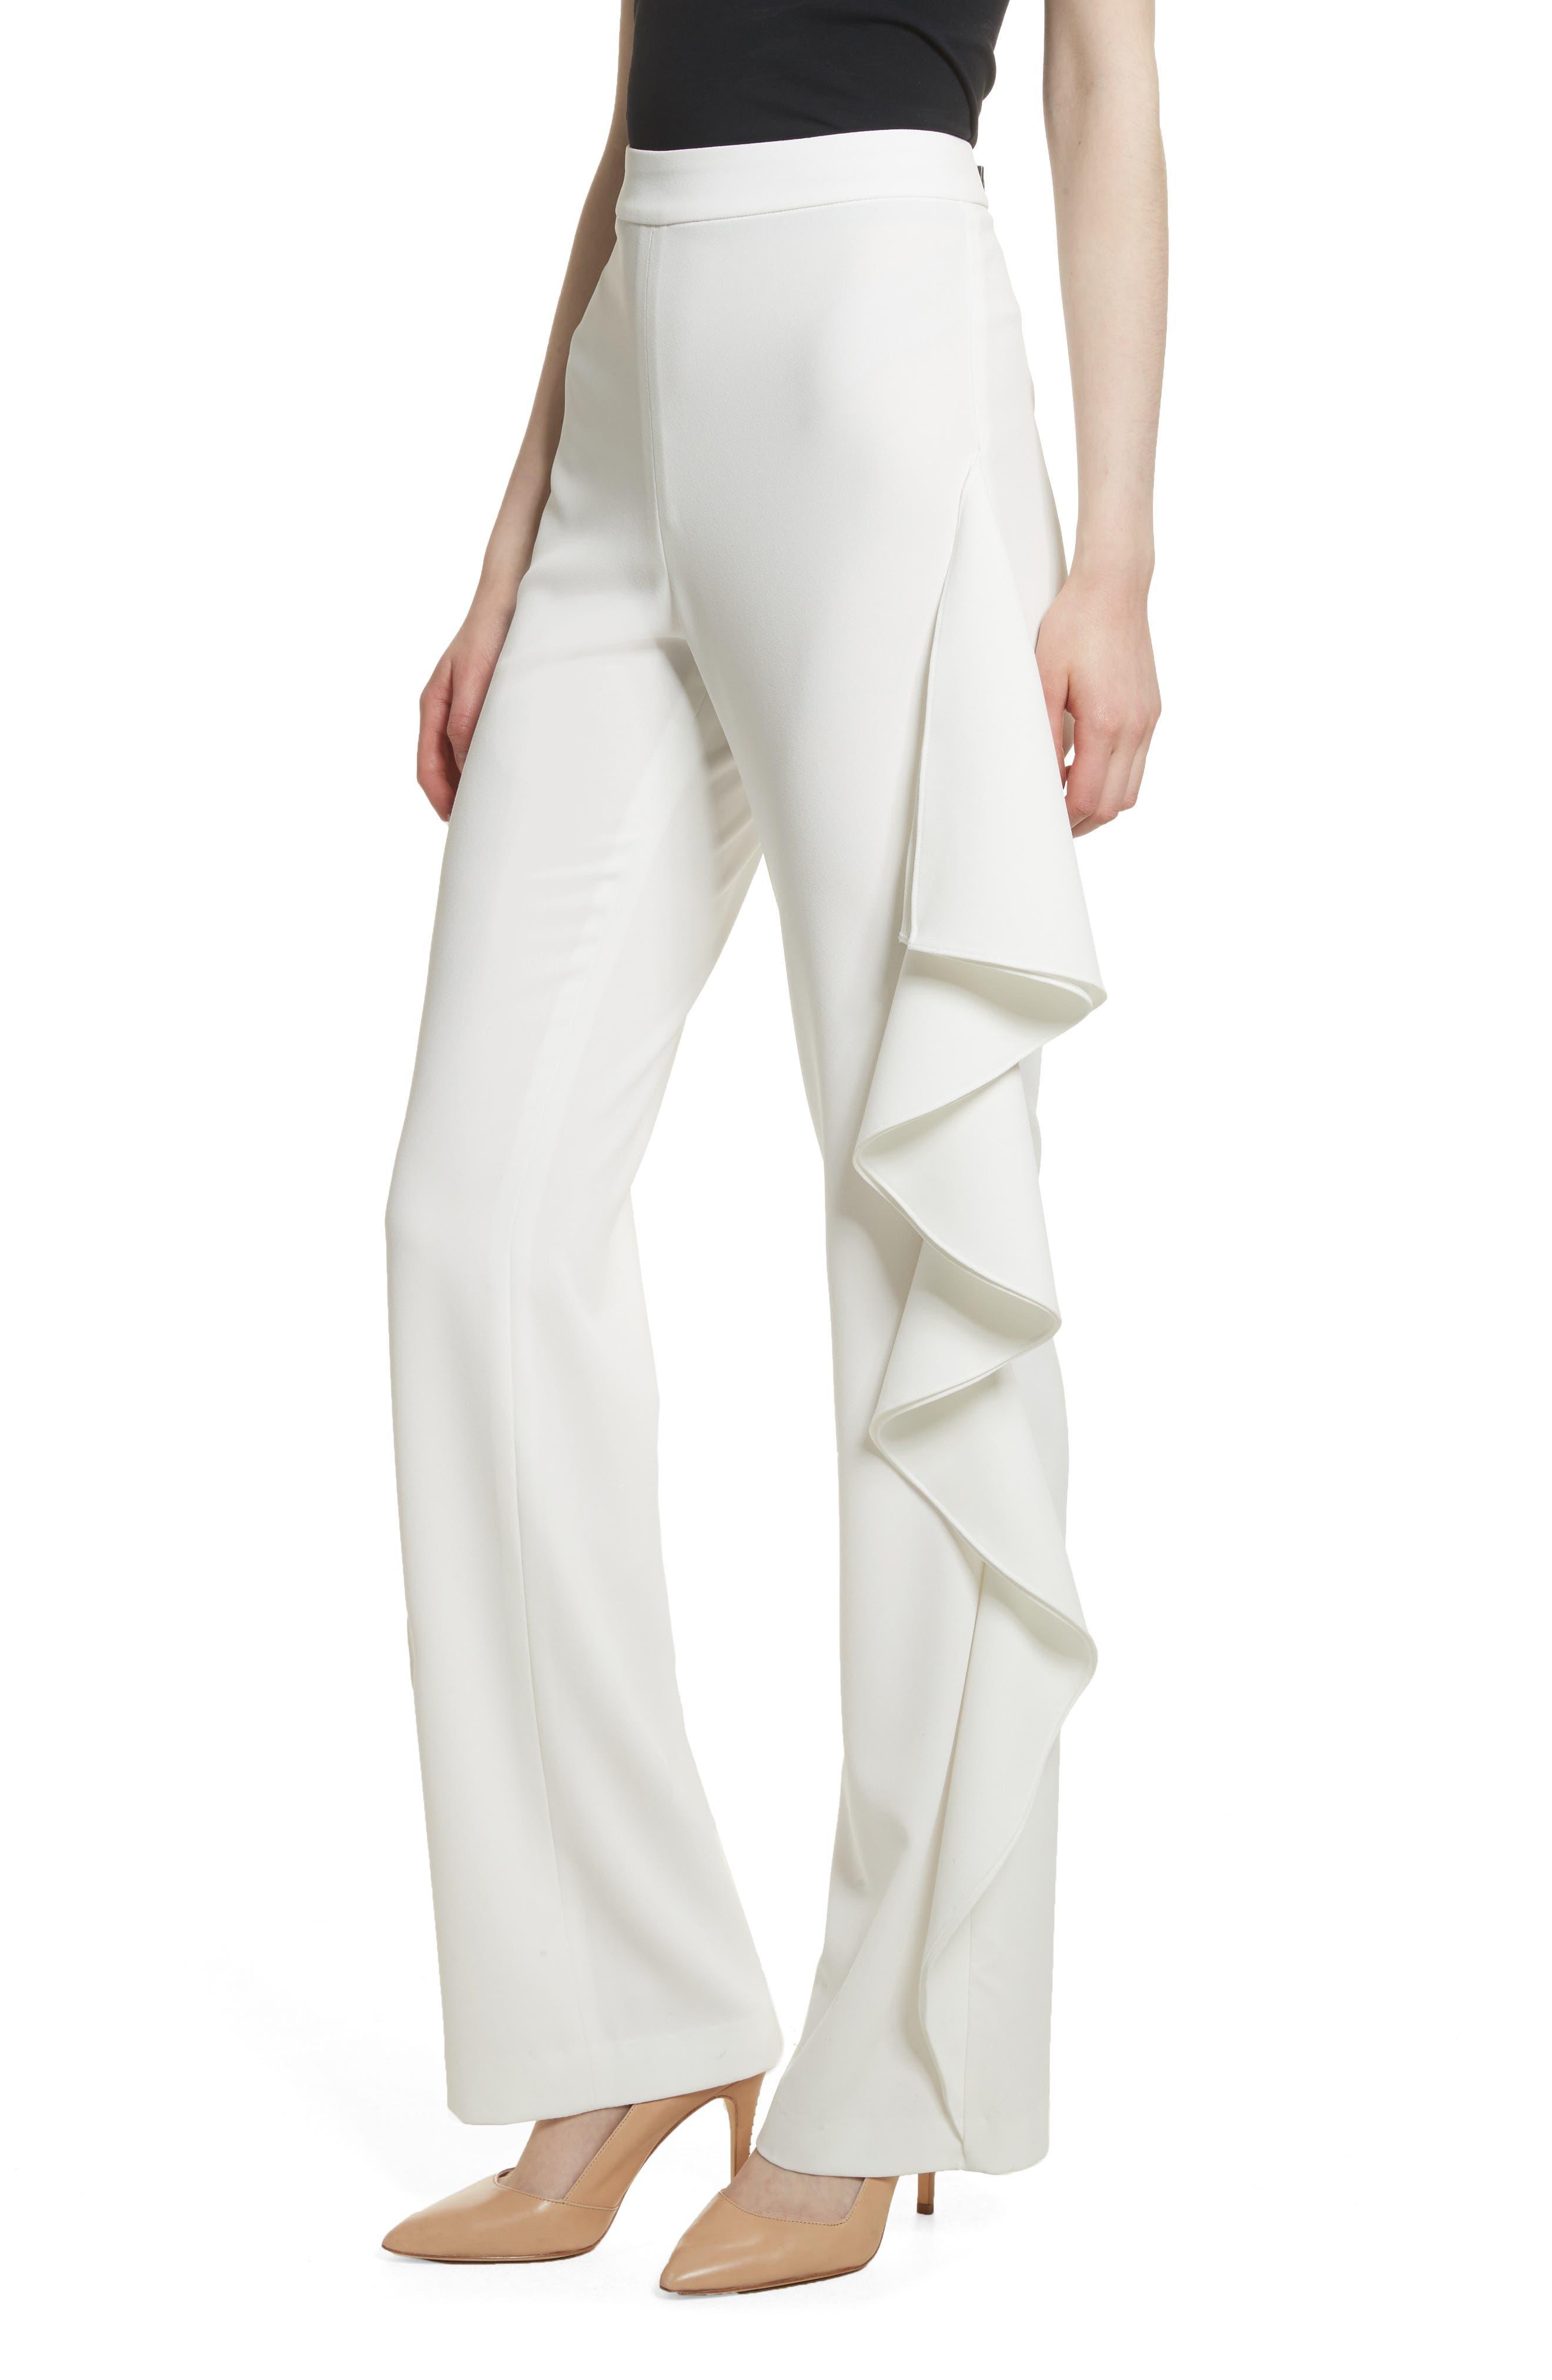 Estell Ruffle Side Pants,                             Alternate thumbnail 4, color,